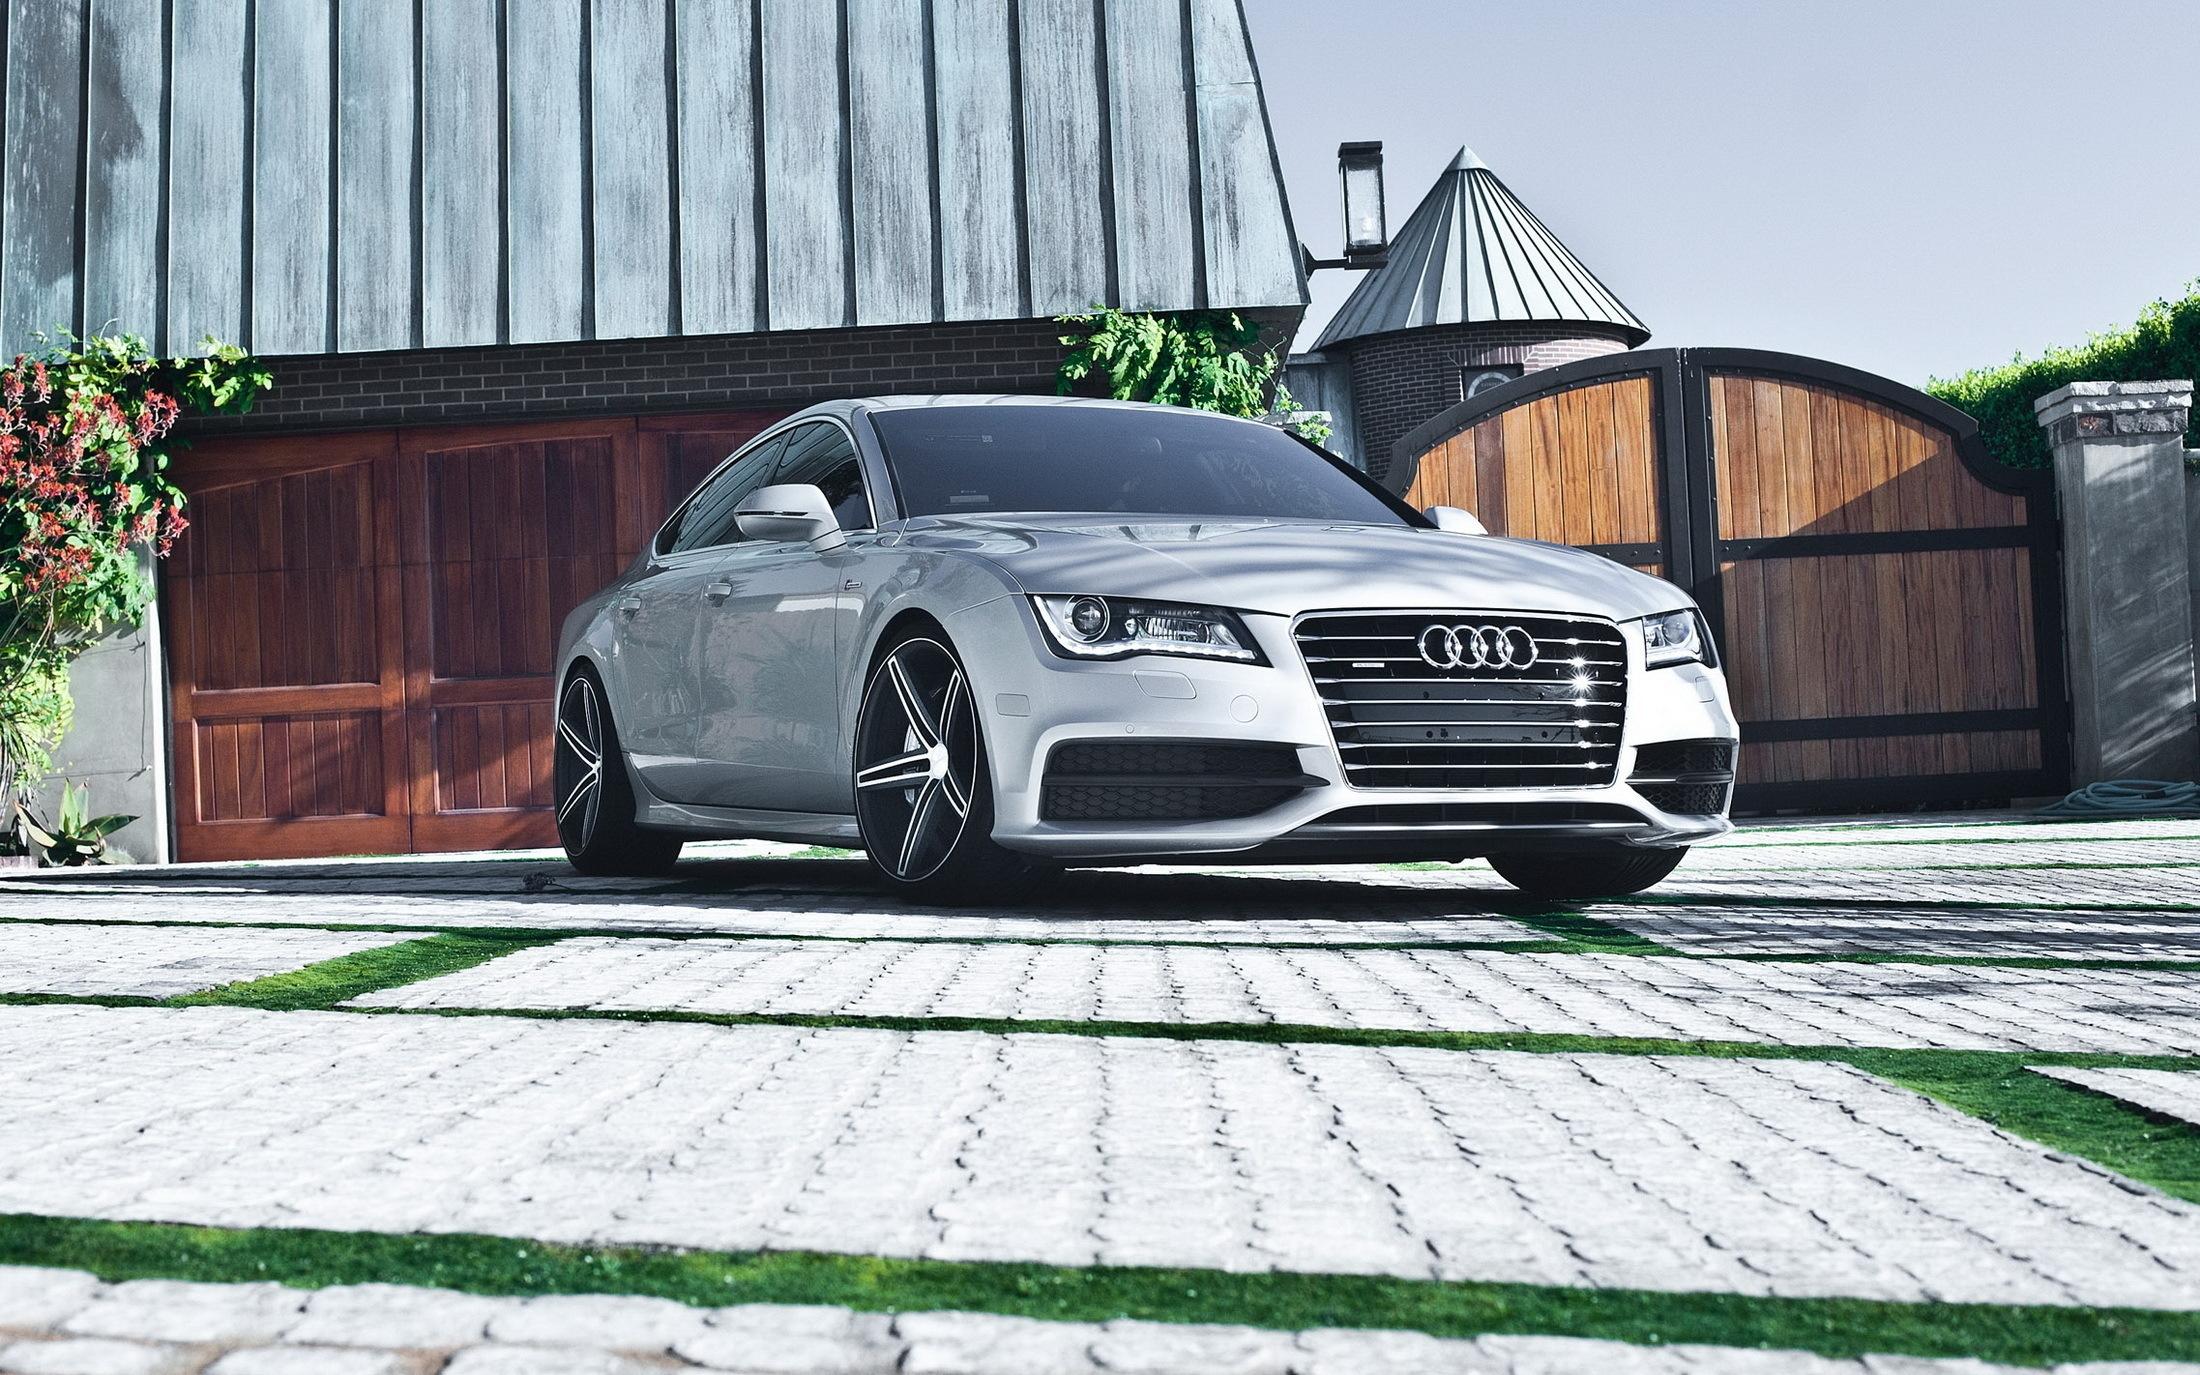 137853 скачать обои Тачки (Cars), Гараж, Ауди (Audi), Машины, Audi A7, Car - заставки и картинки бесплатно